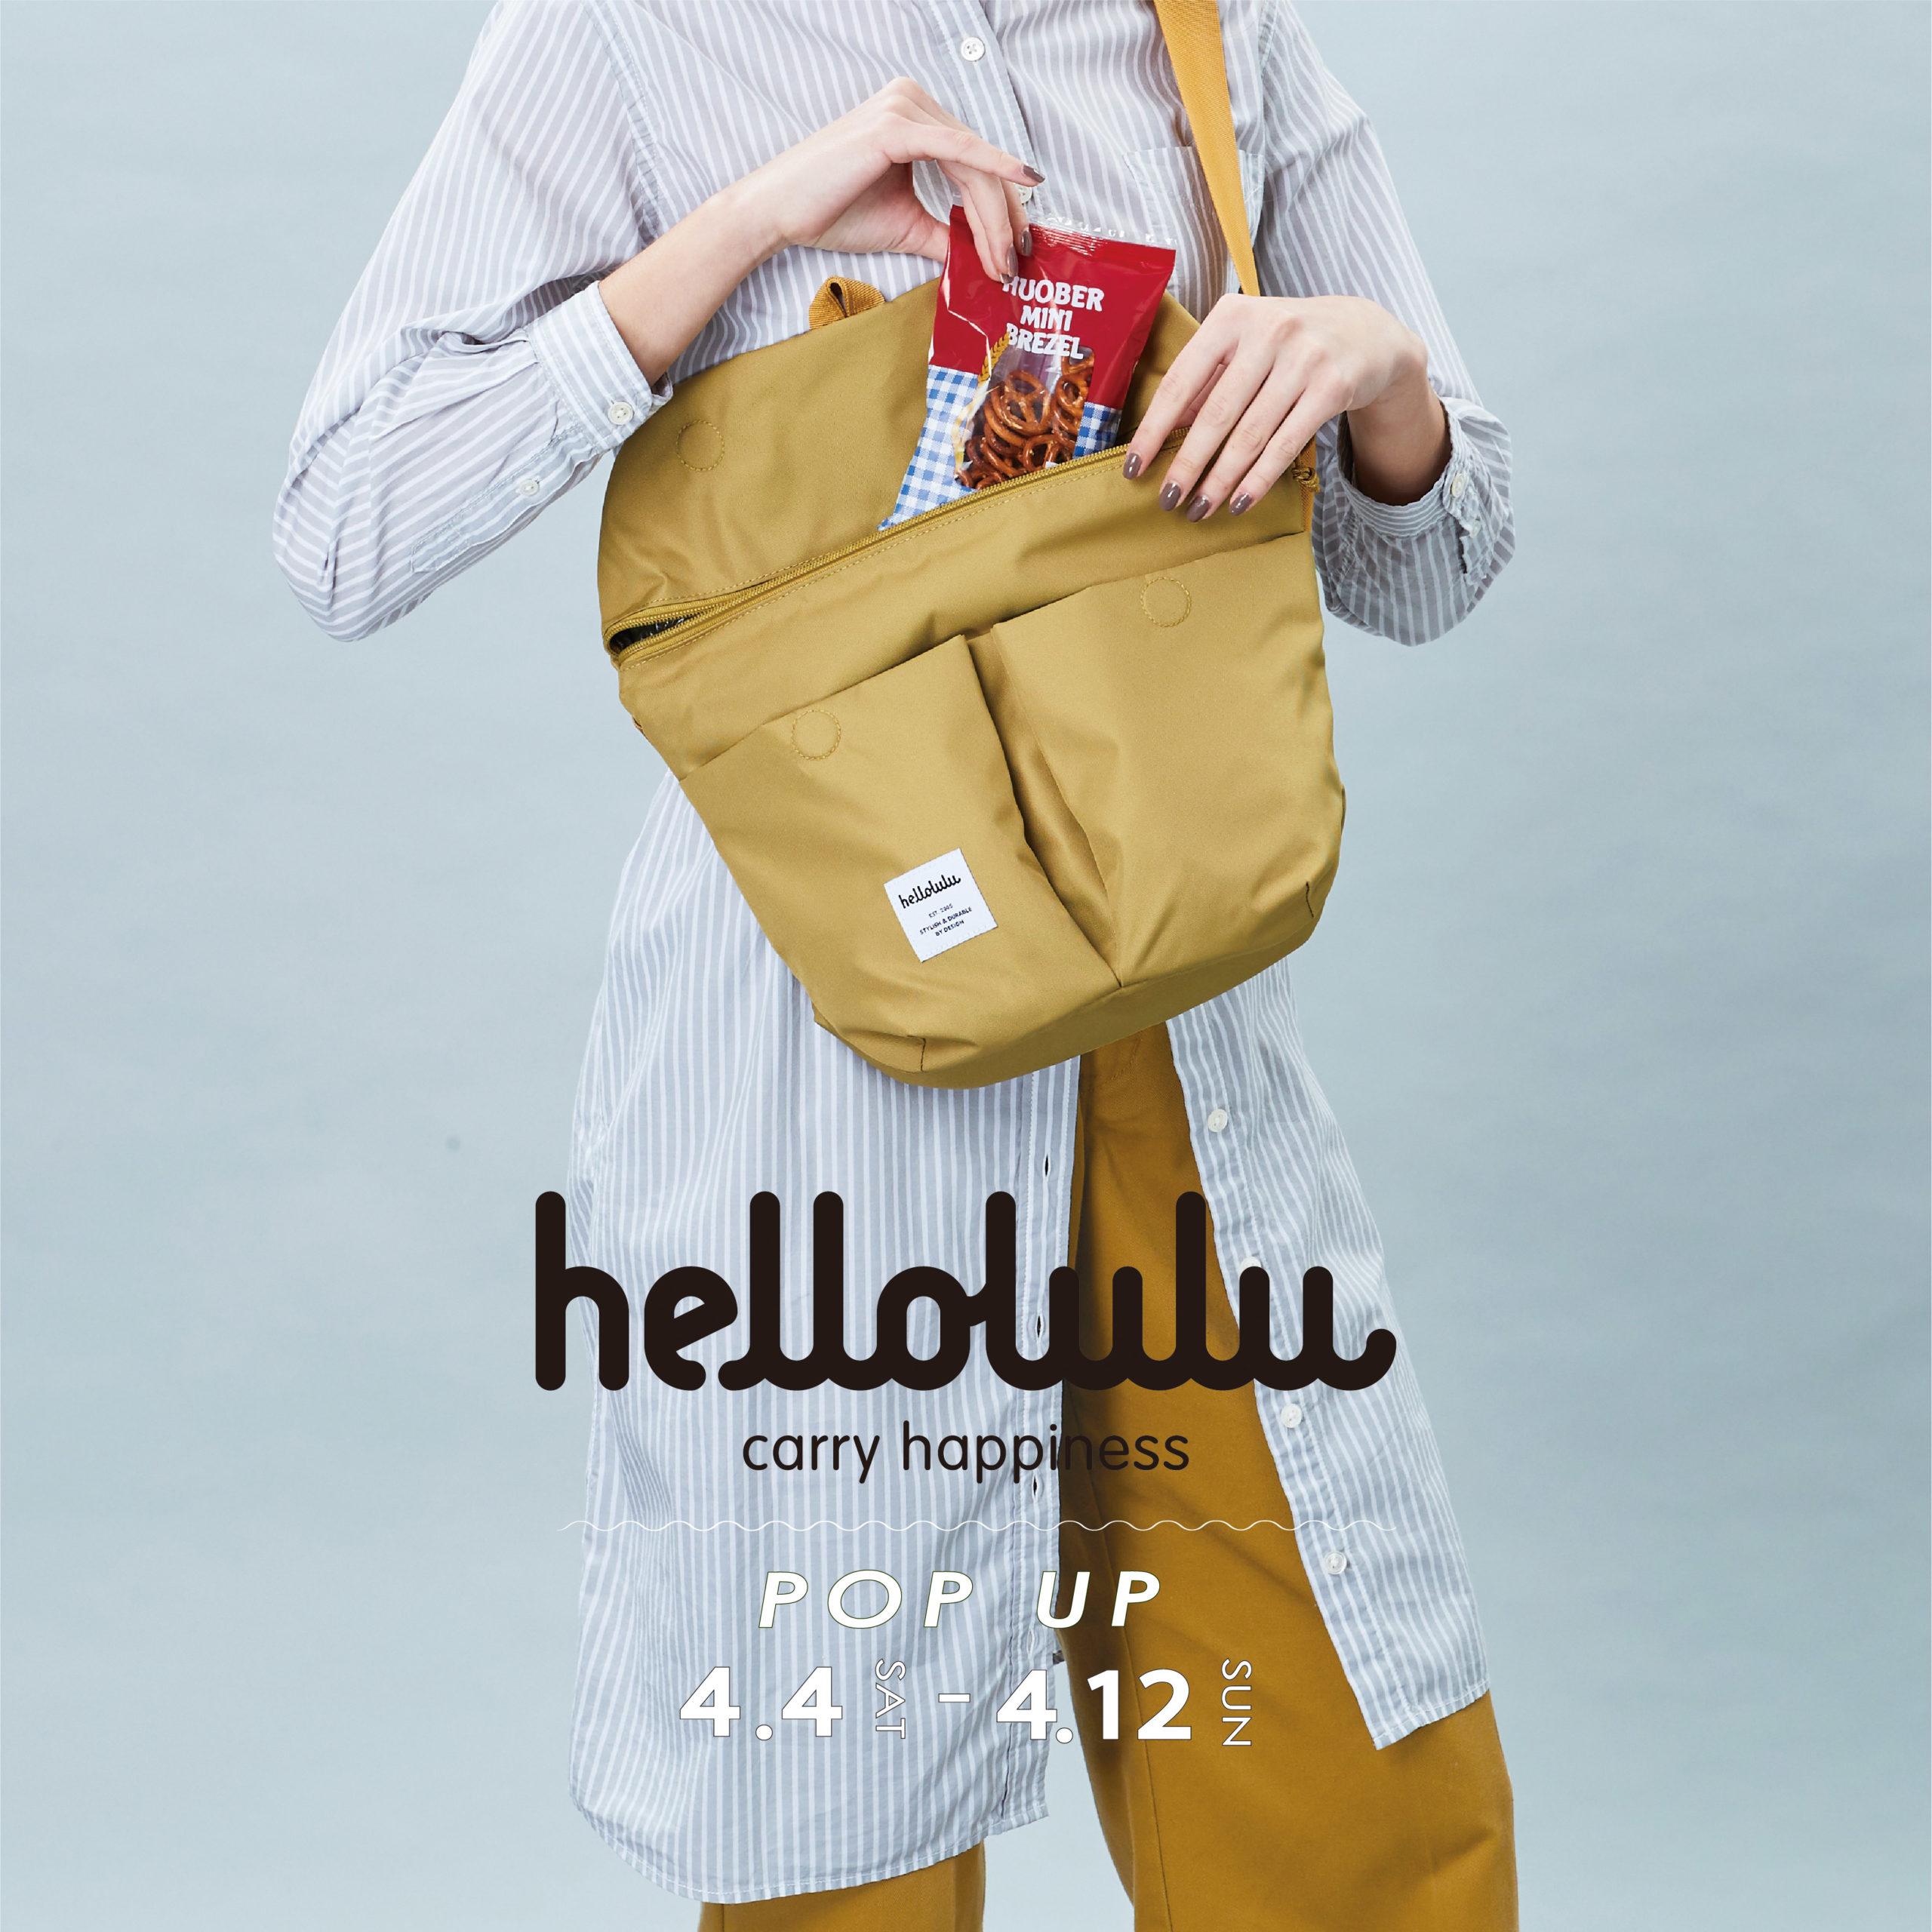 【イオンモール福岡店限定】hellolulu (ハロルル) ポップアップ開催